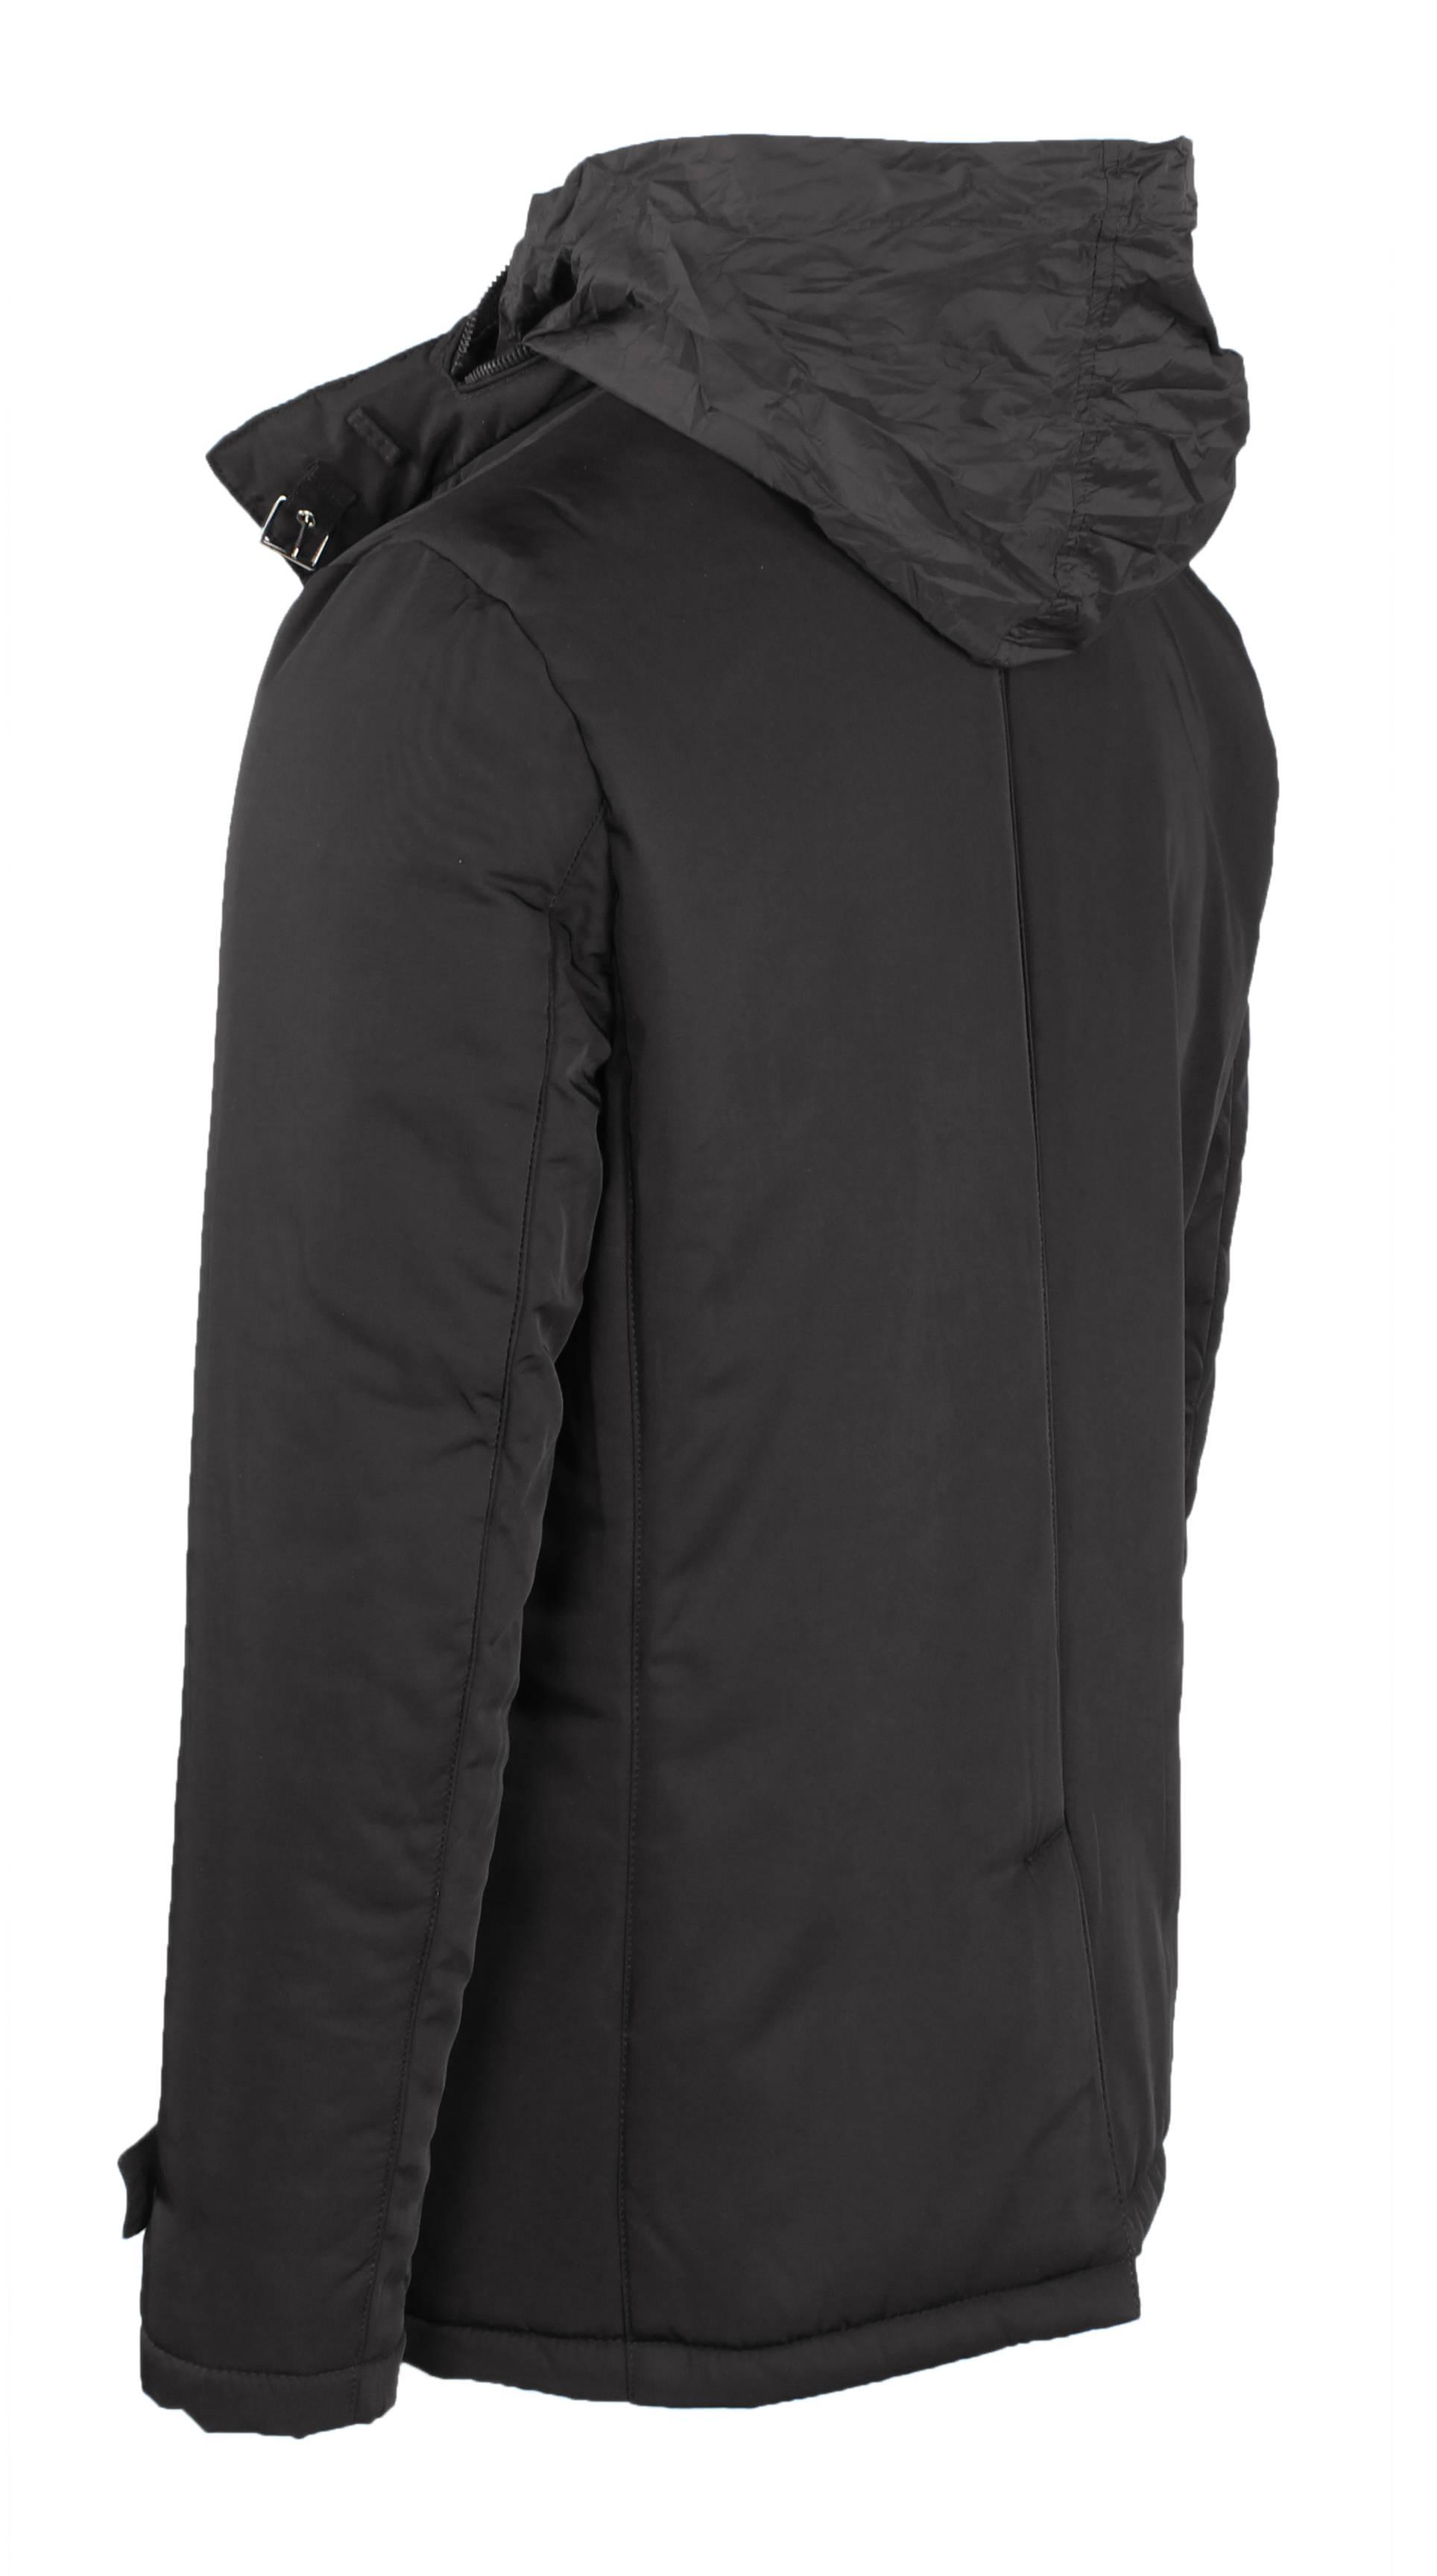 Giubbotto-Uomo-Invernale-Giaccone-Elegante-Giubbino-Sartoriale-Blu-Nero-Cappotto miniatura 12